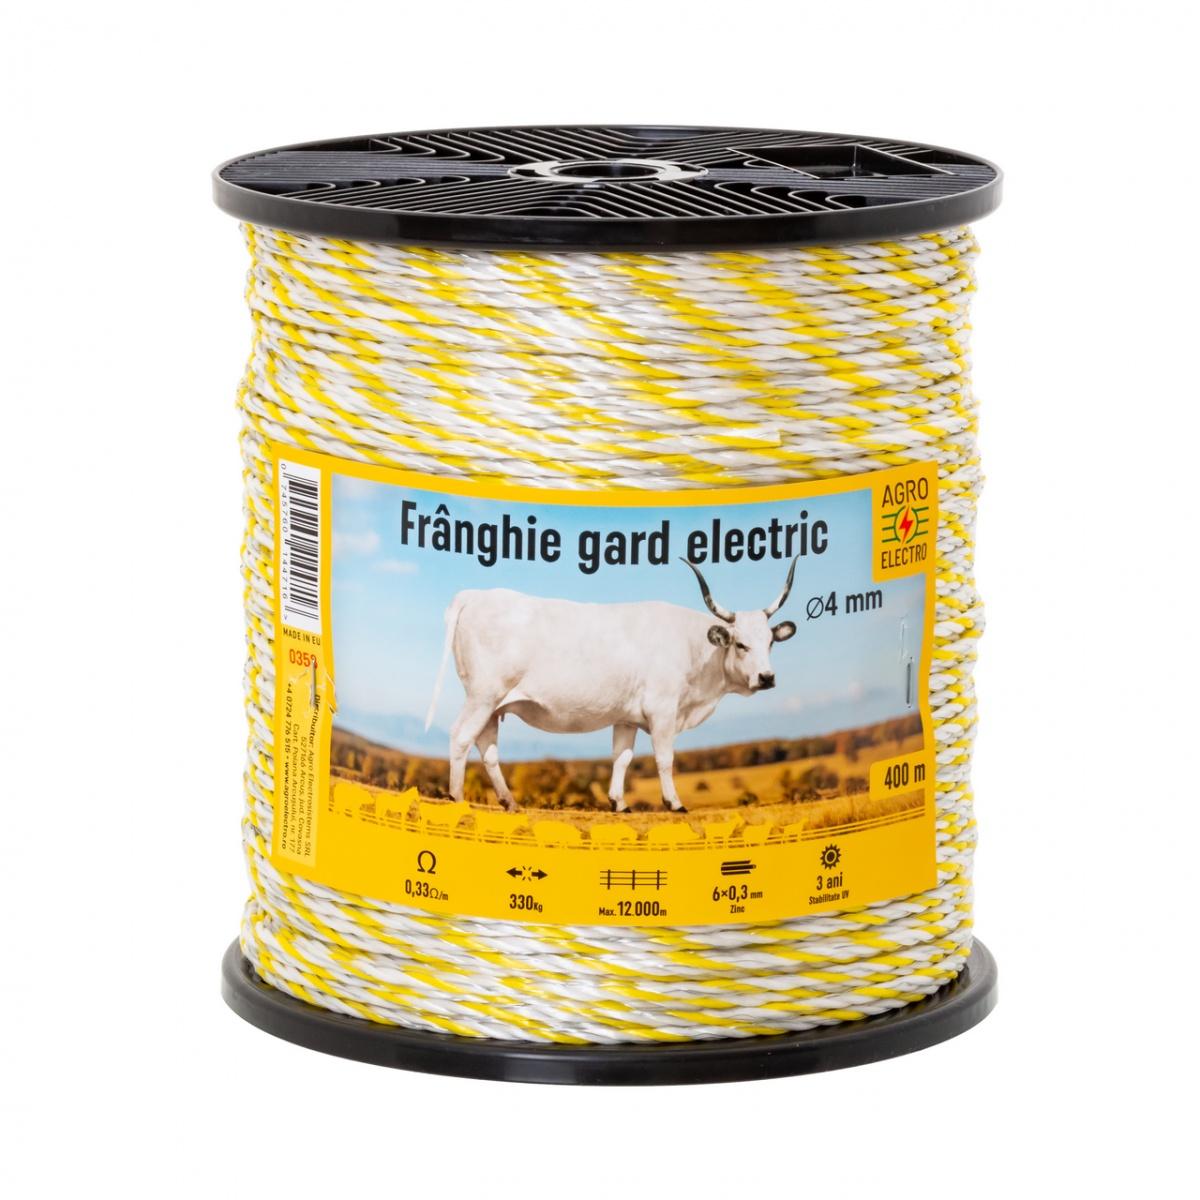 Frânghie gard electric - 400m - 330kg - 0,33Ω/m